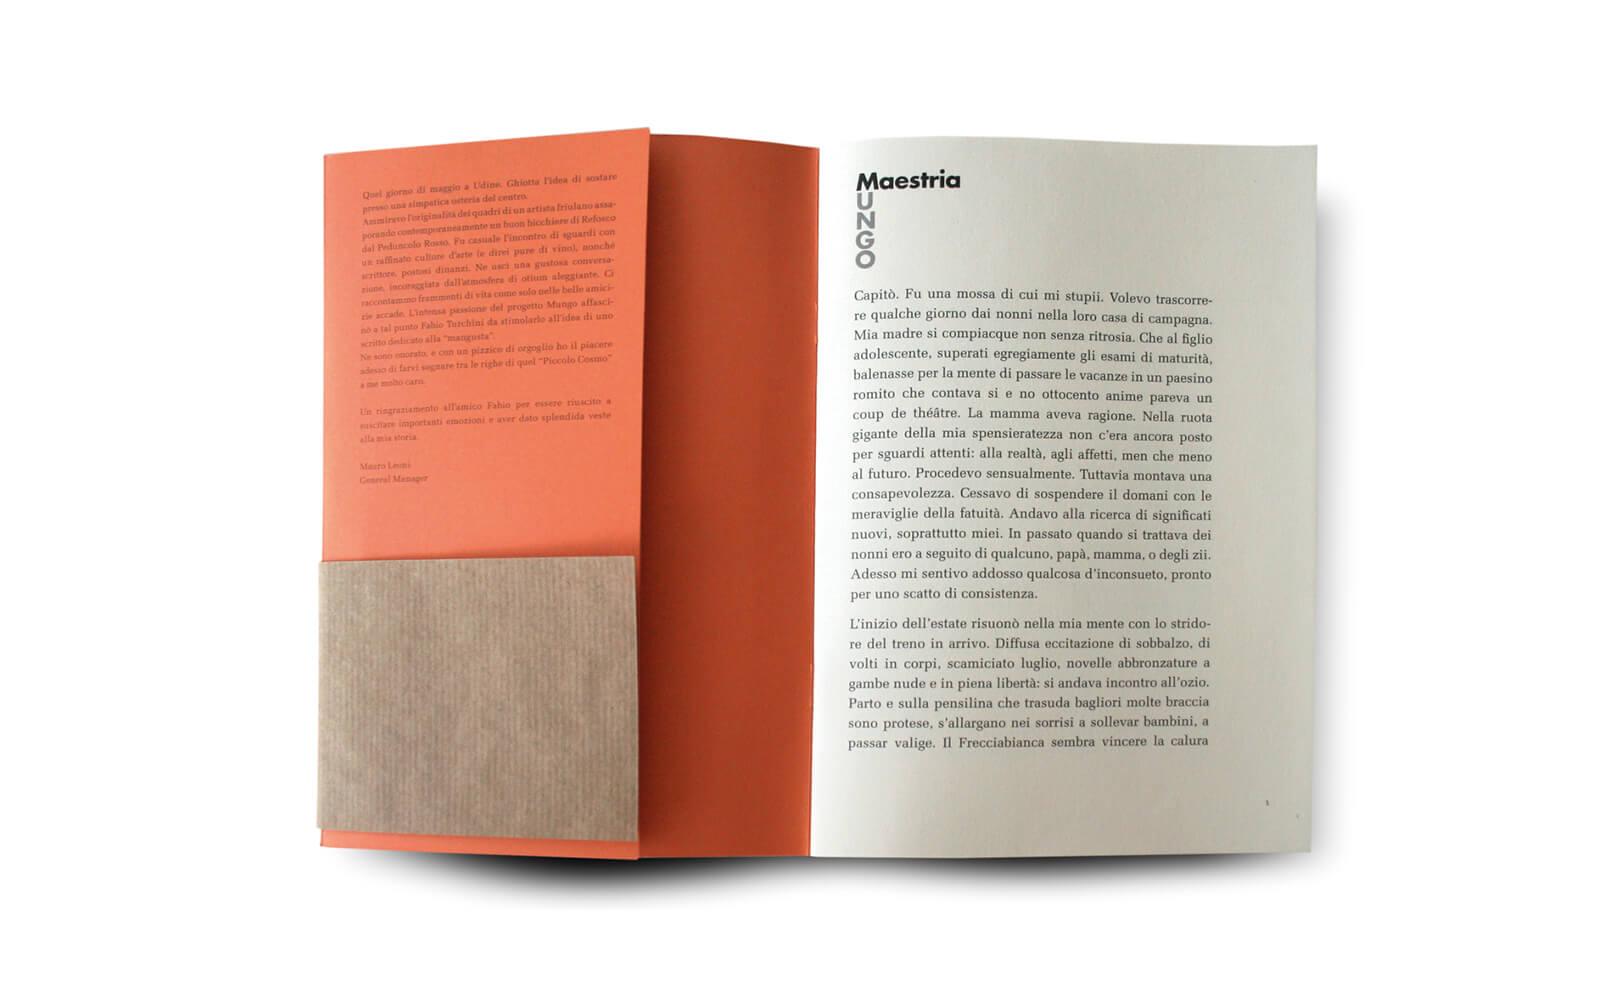 dettaglio della copertina pagine interne della brochure -quel piccolo cosmo- rilegata a spago, progetto dello studio grafico diade di trento